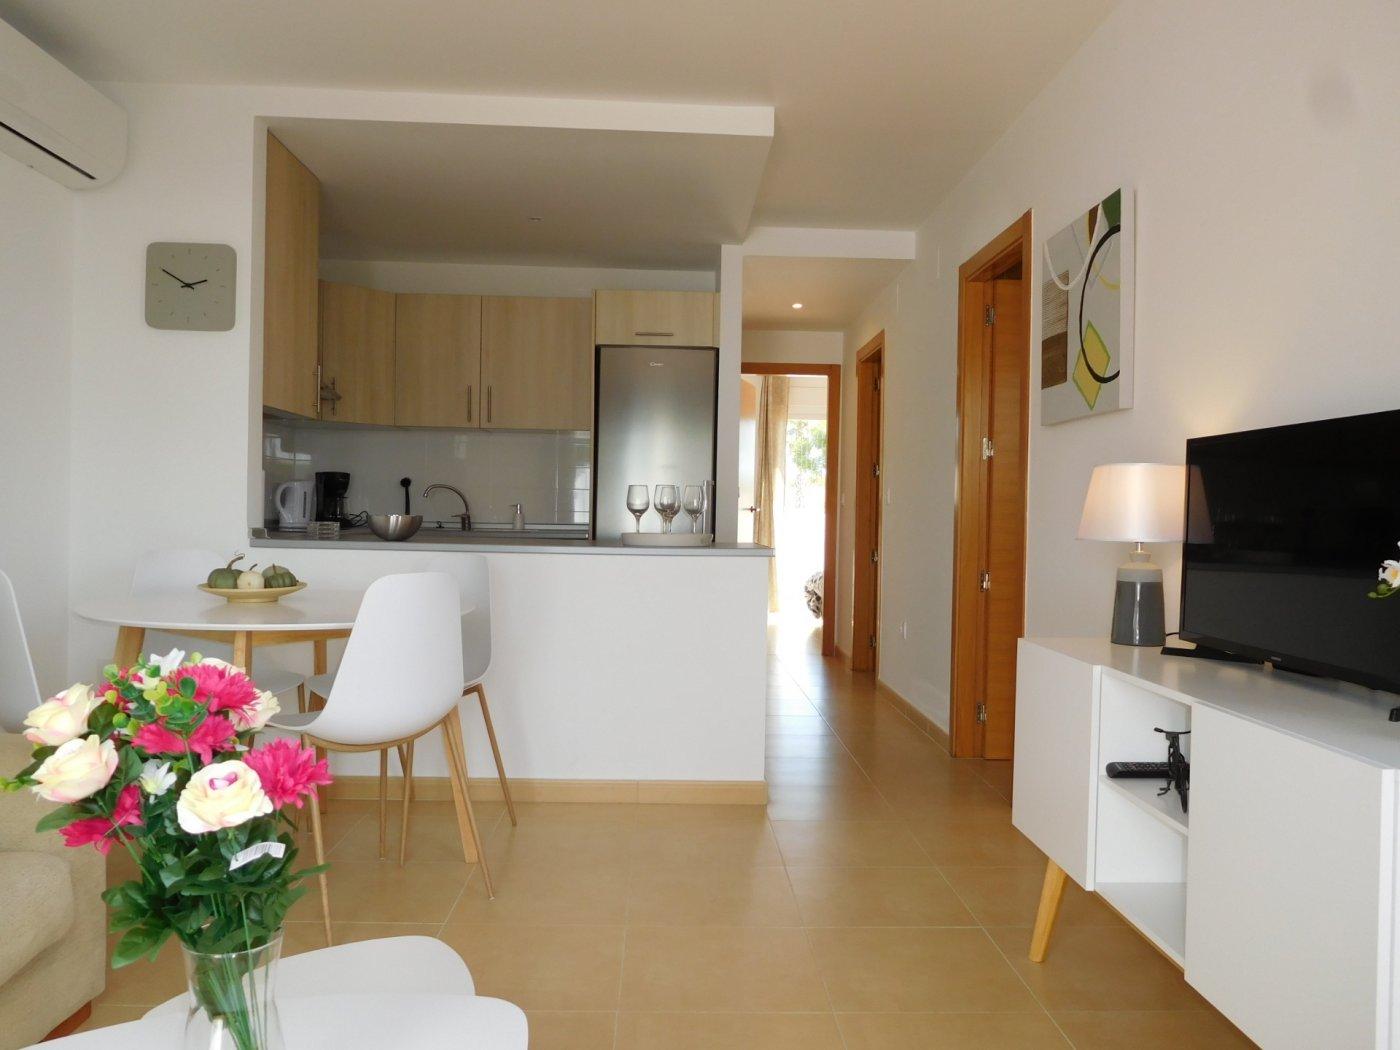 Apartment ref 3378 for rent in Condado De Alhama Spain - Quality Homes Costa Cálida